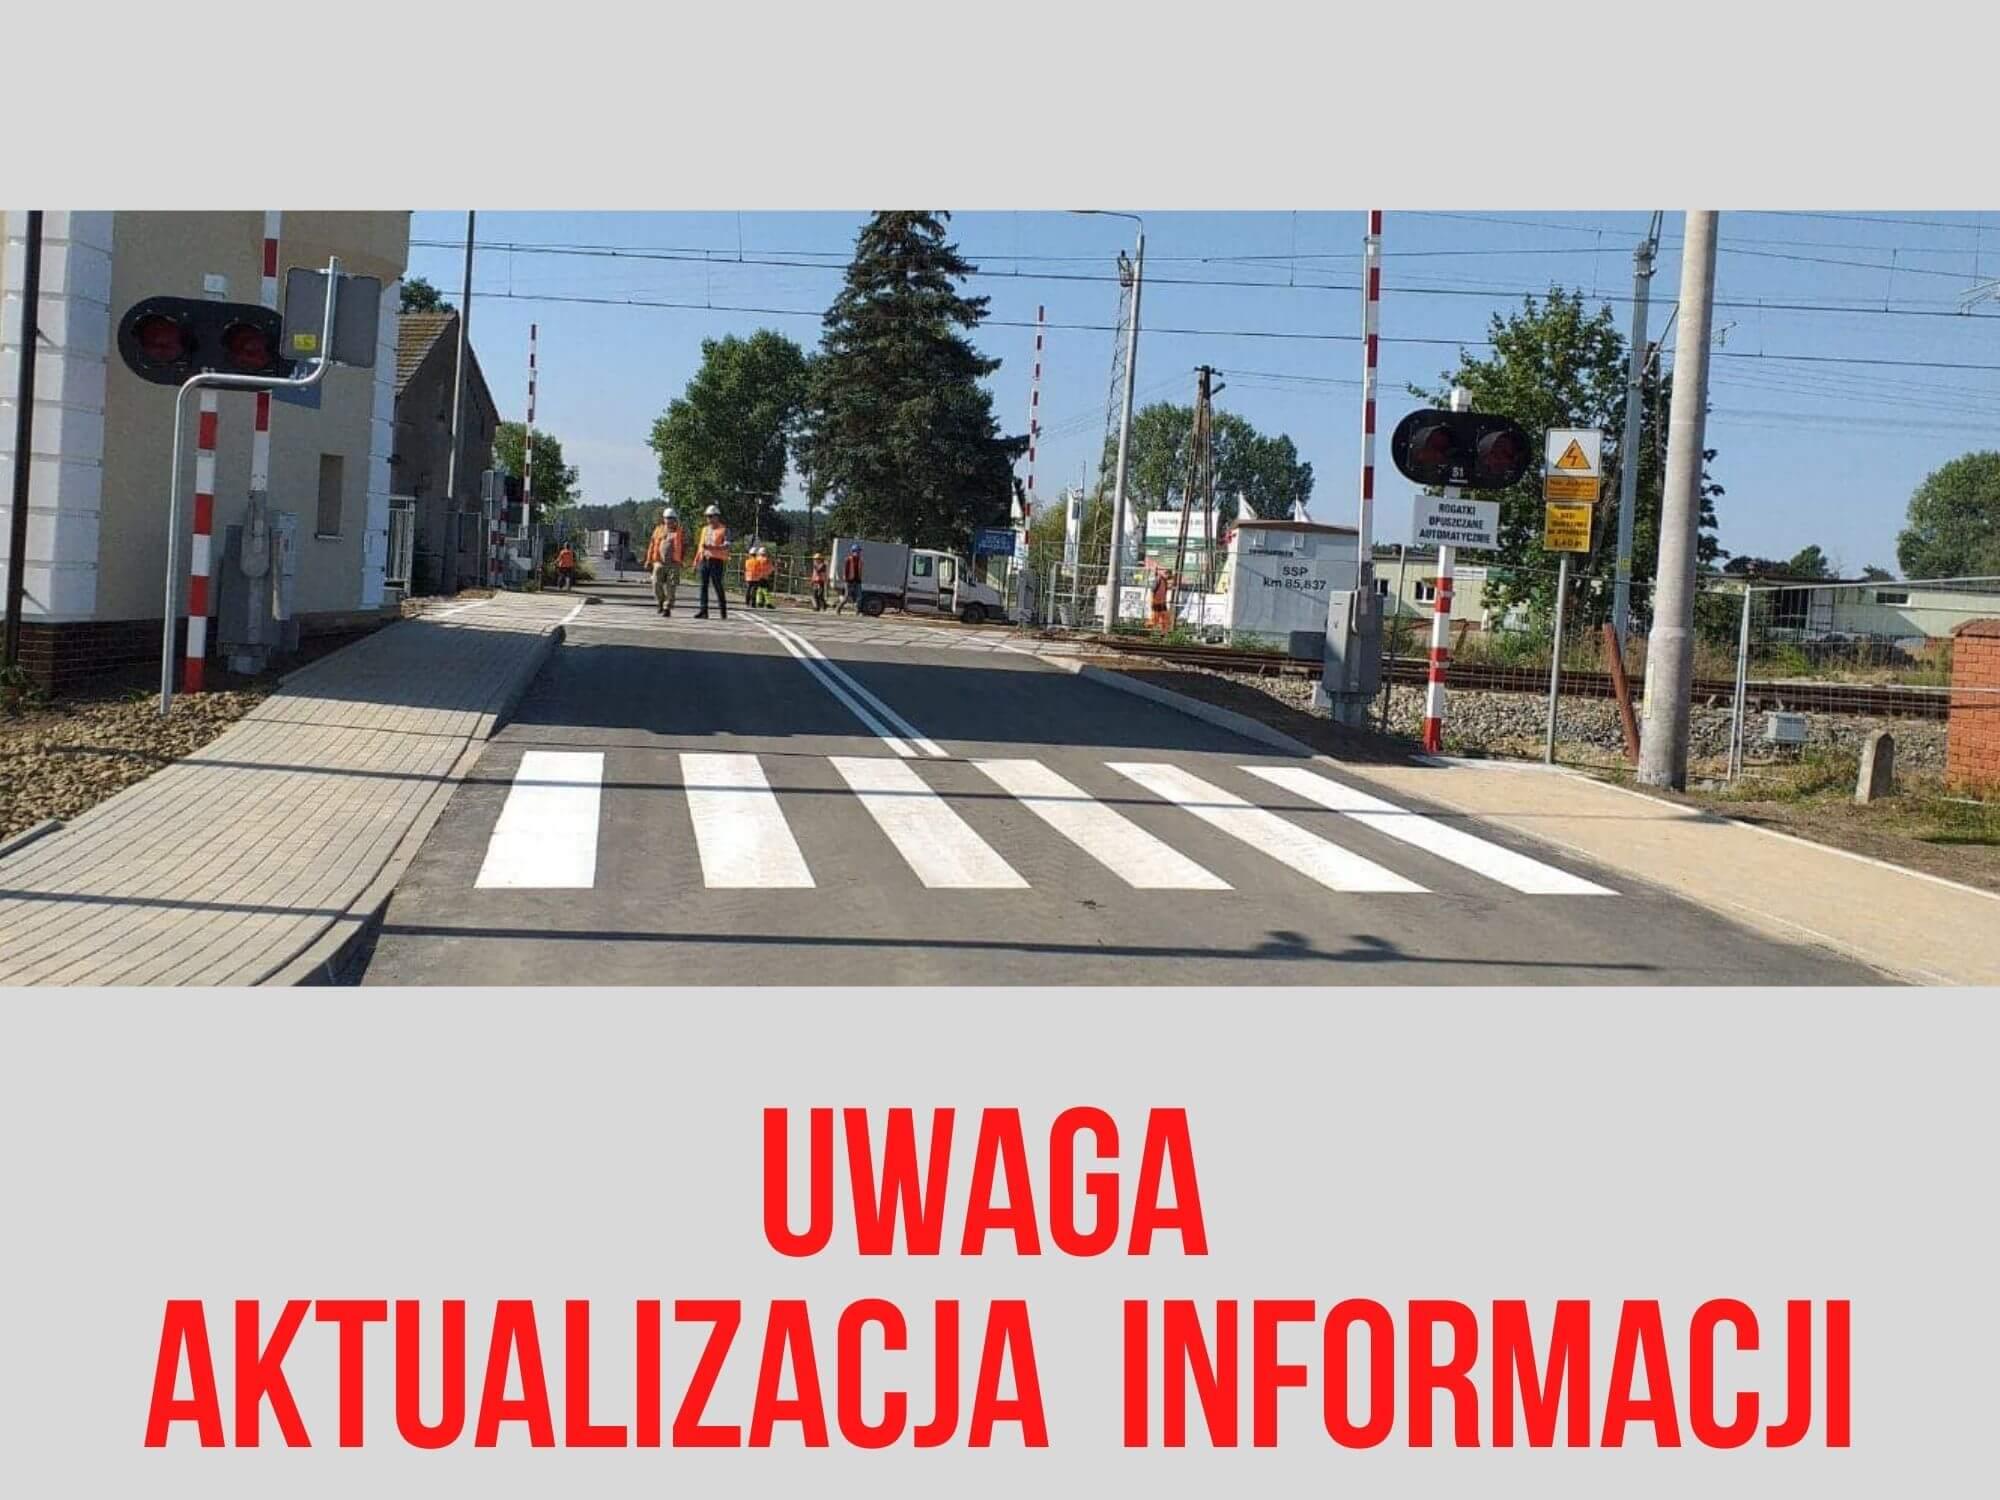 UWAGA aktualizacja terminu zamknięcia przejazdu w Kłodzie